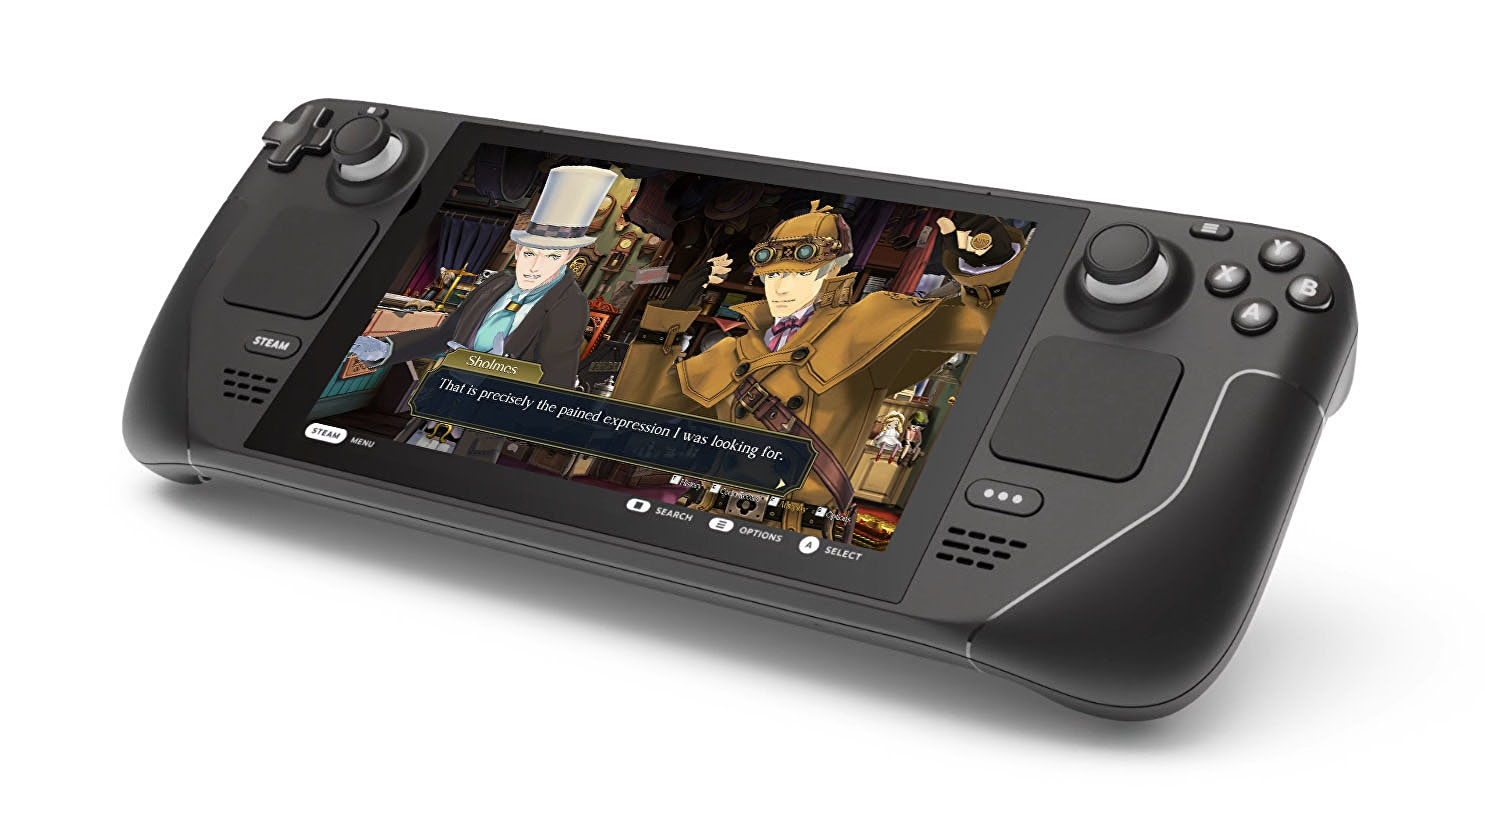 Valve công bố video giới thiệu máy chơi game cầm tay Steam Deck